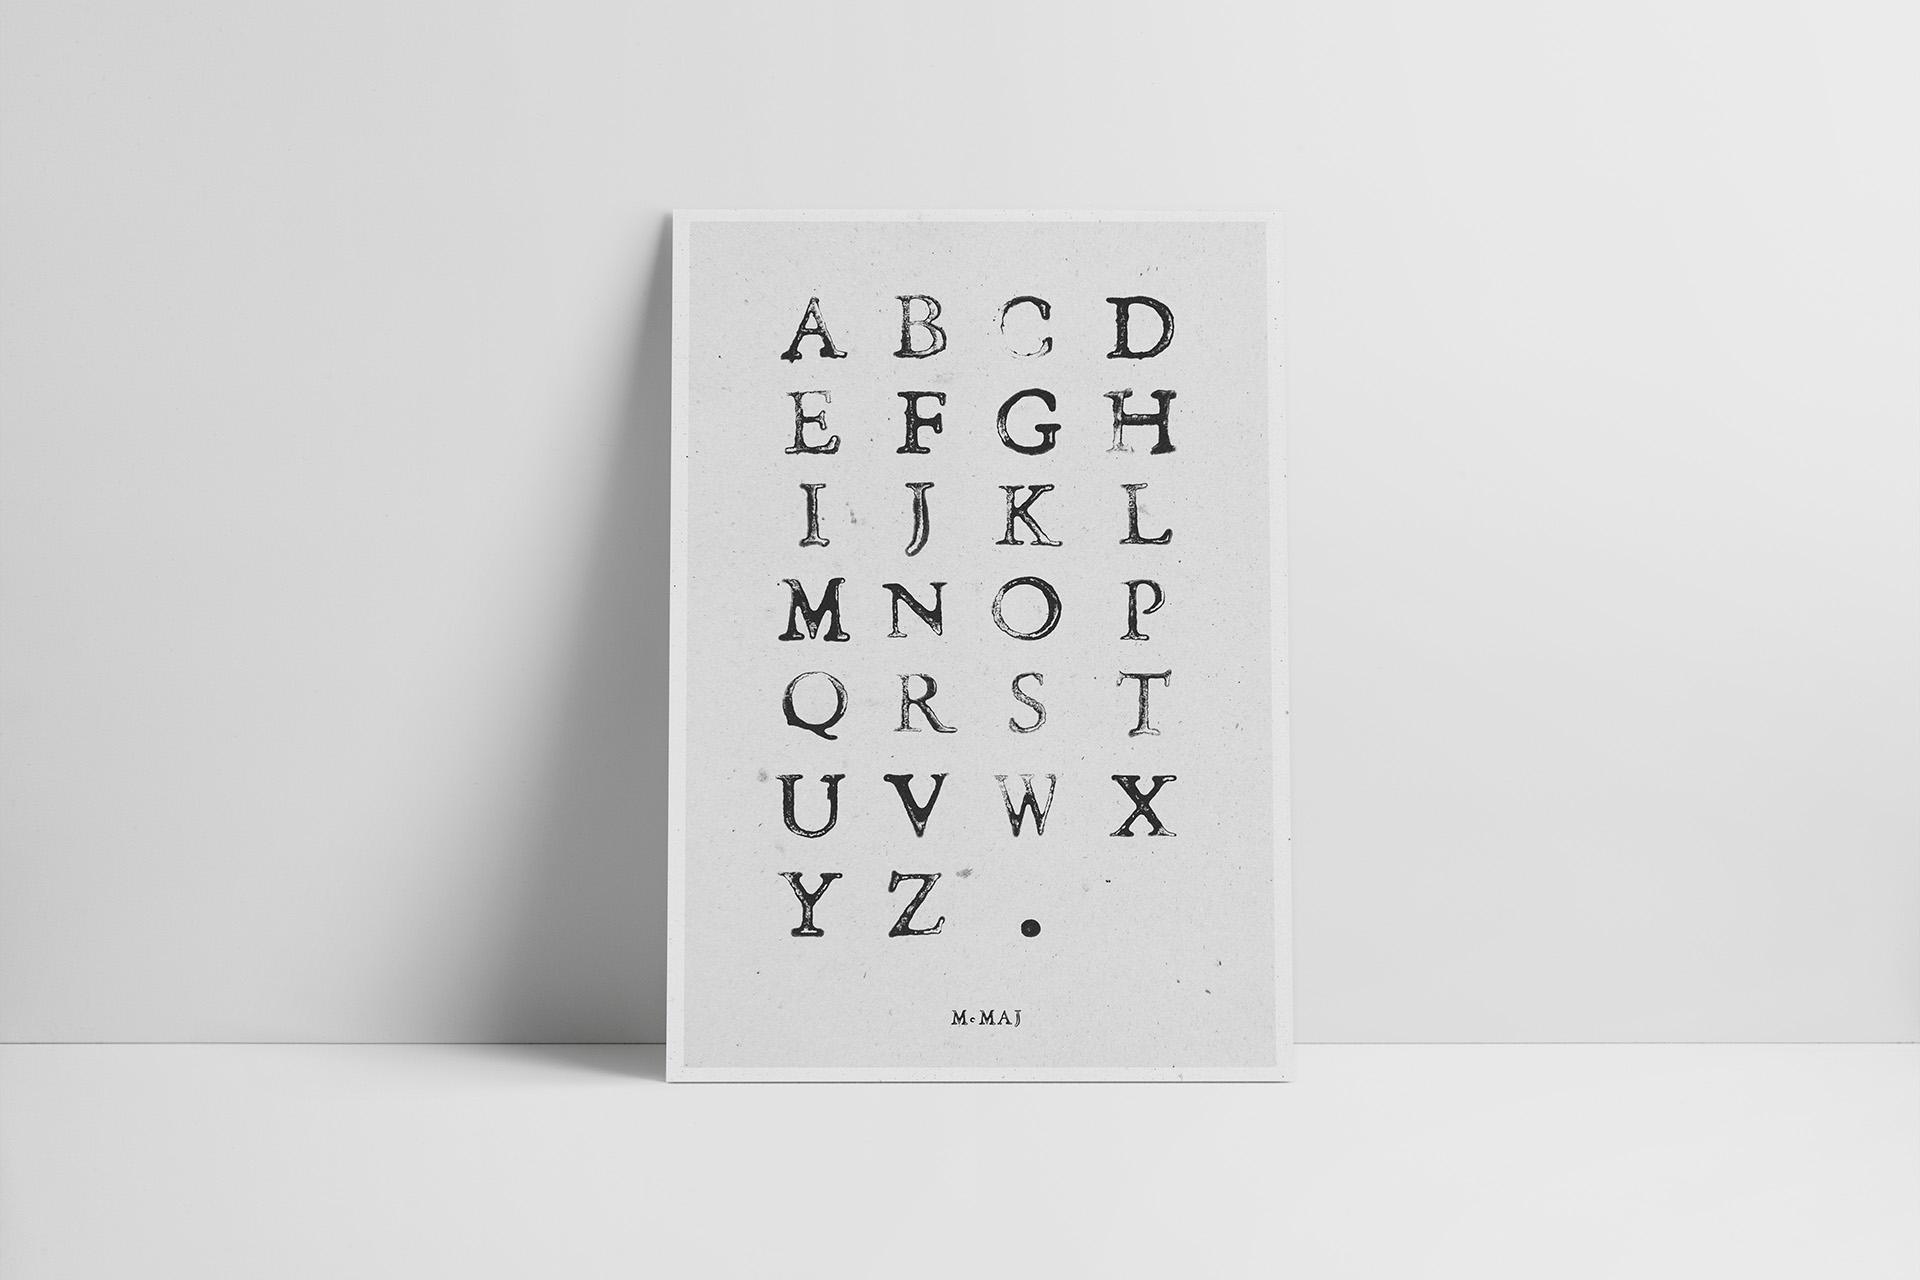 poster caractere d'imprimerie alphabet maison maj